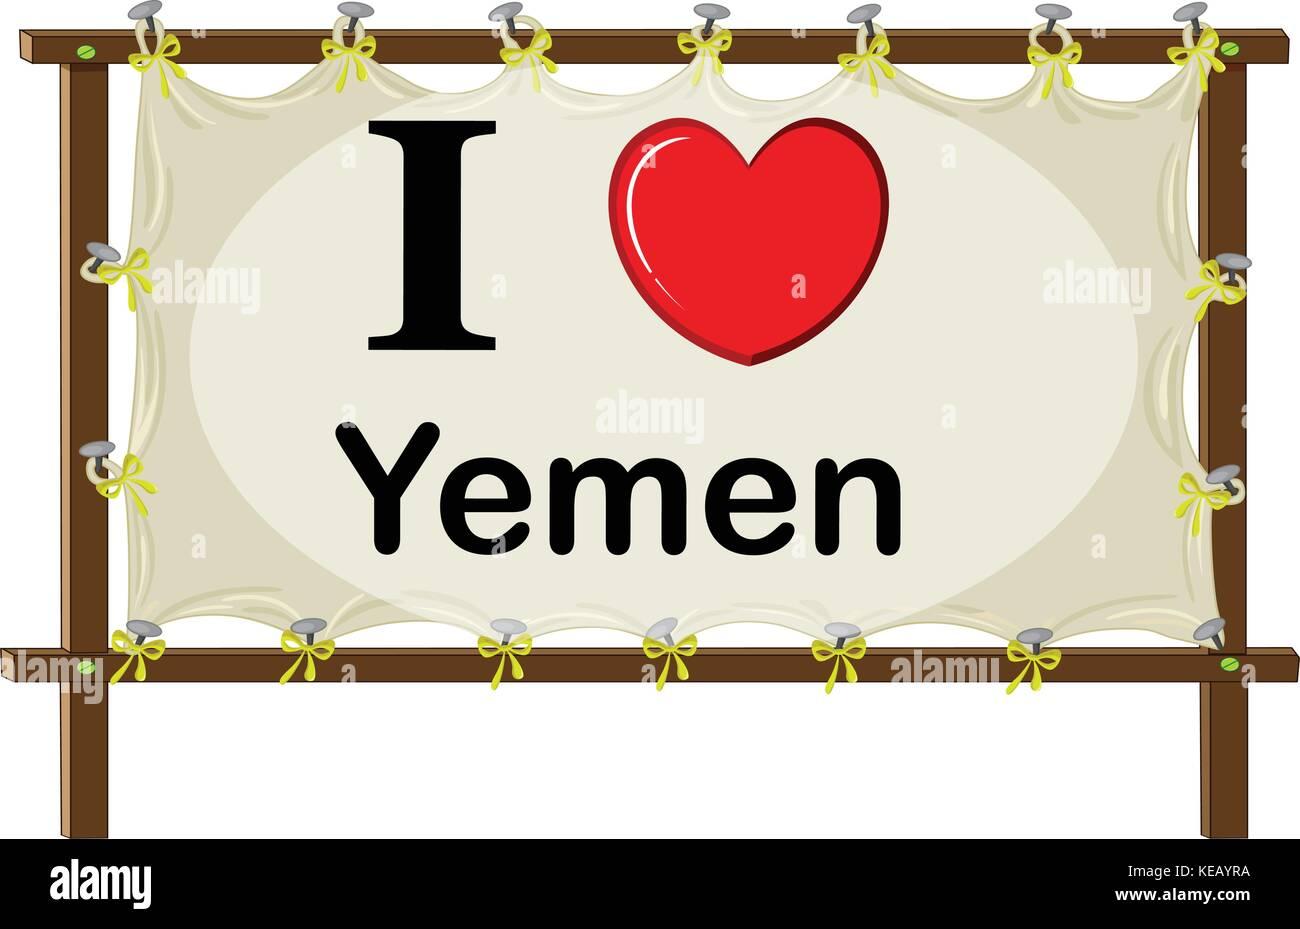 I love Yemen in wooden frame - Stock Vector